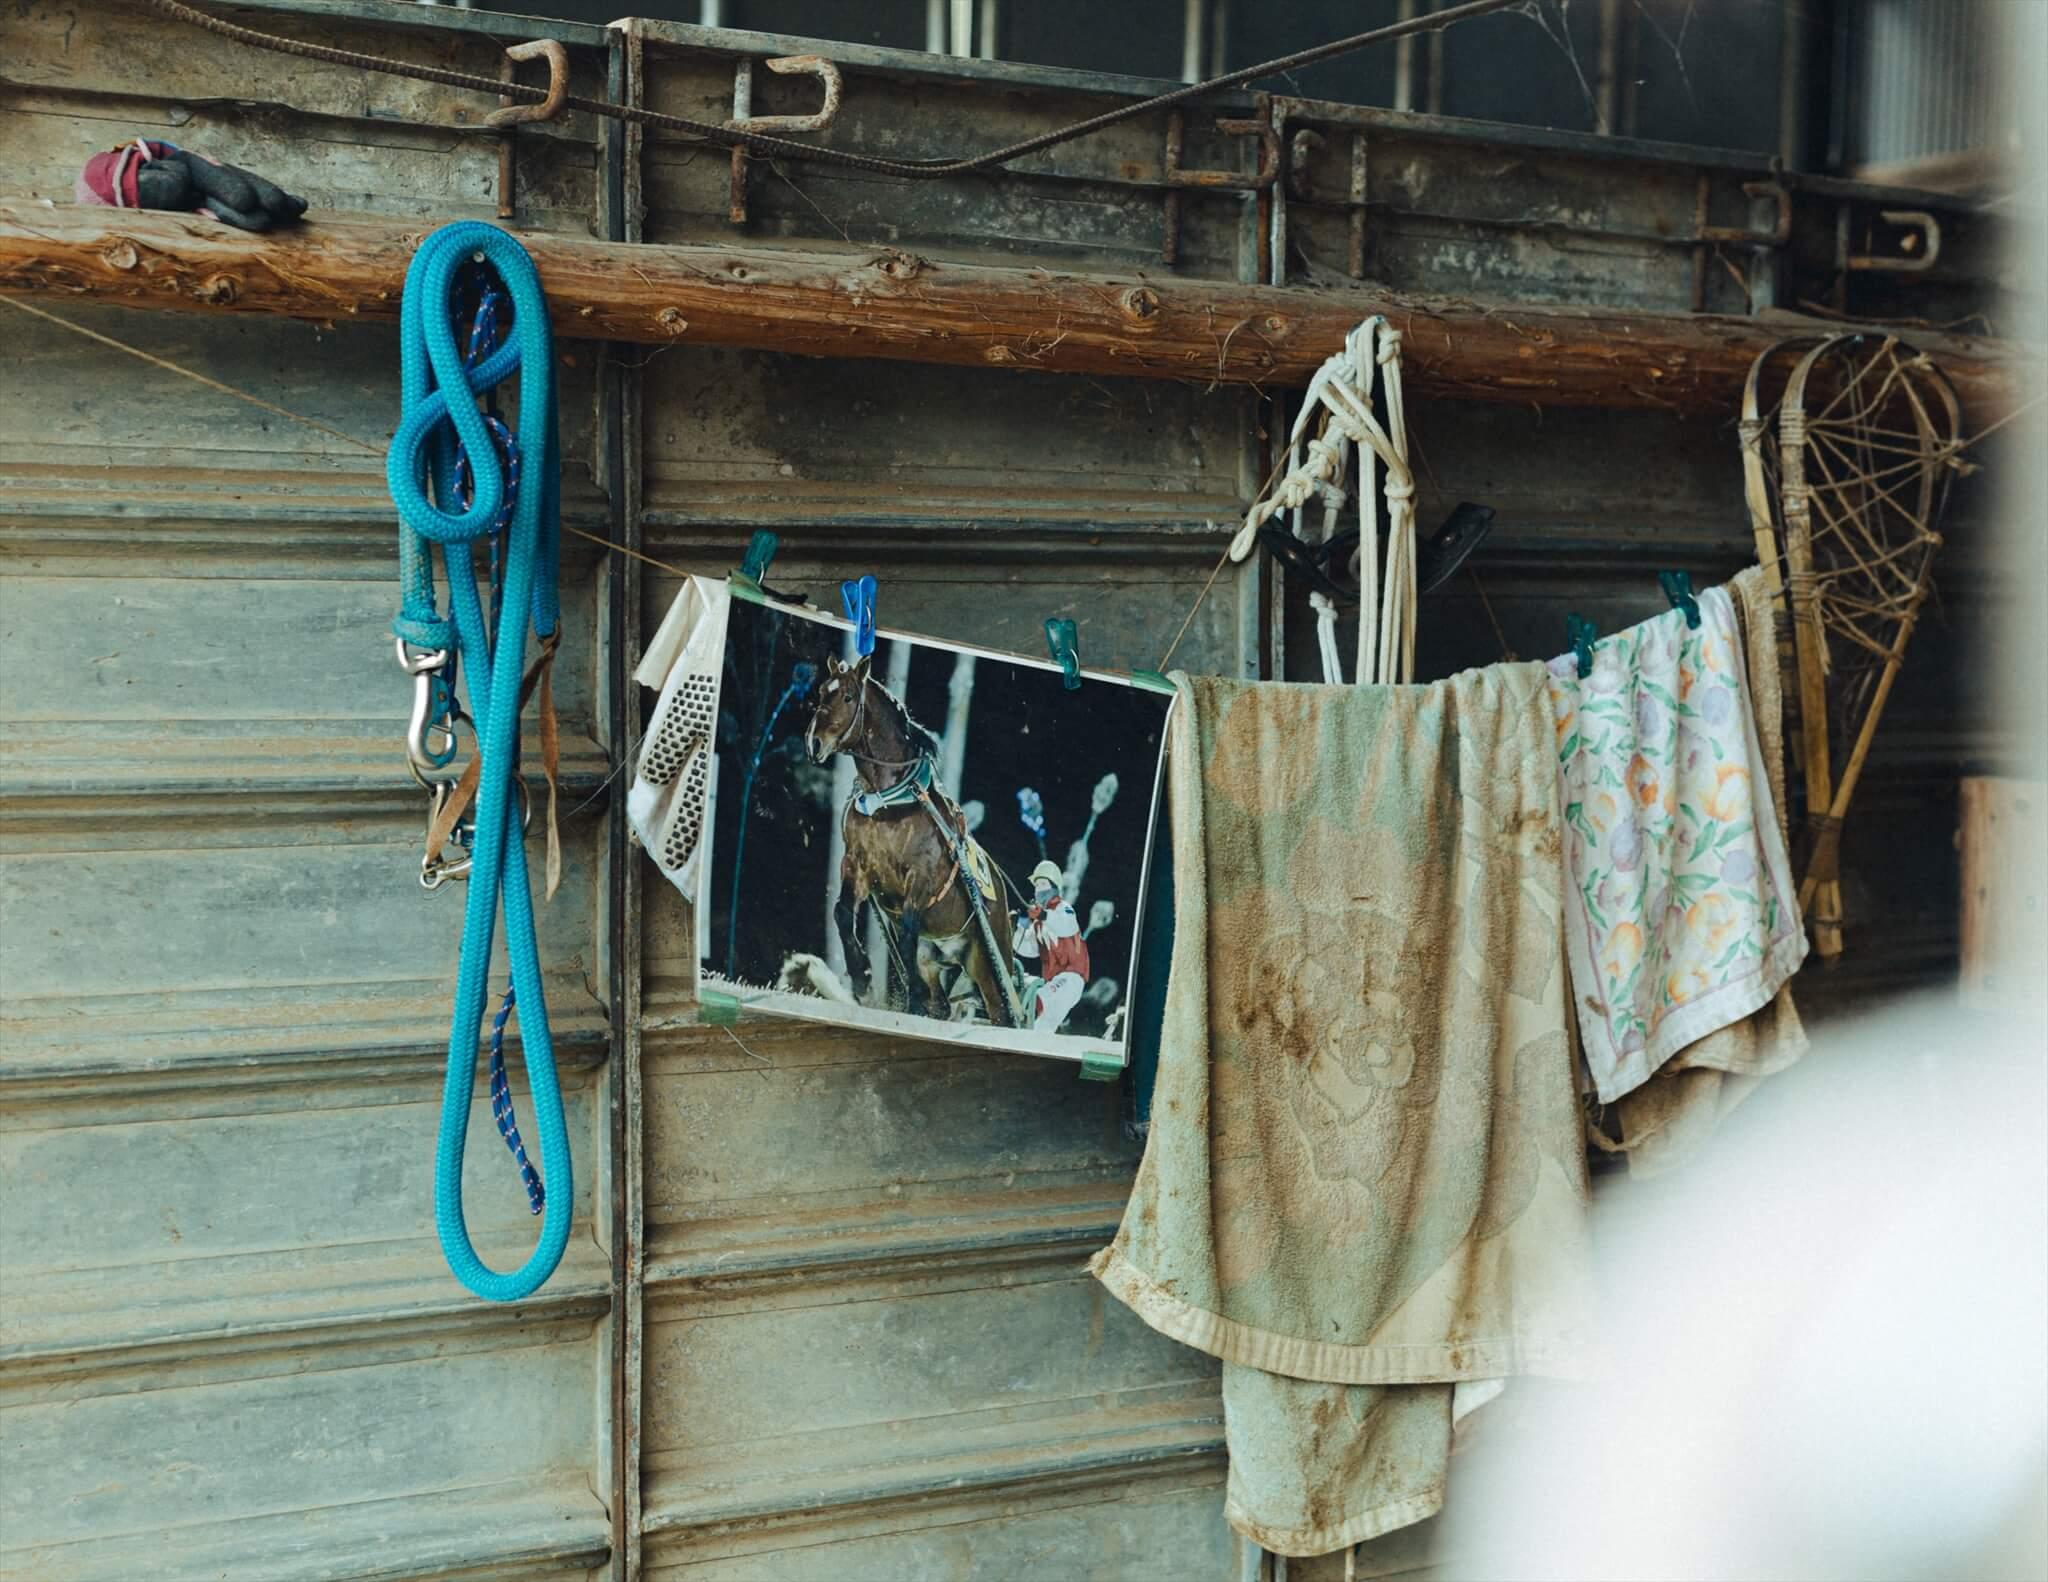 馬小屋にはヤマトがばんえい競馬で活躍していたときの写真が飾られていた